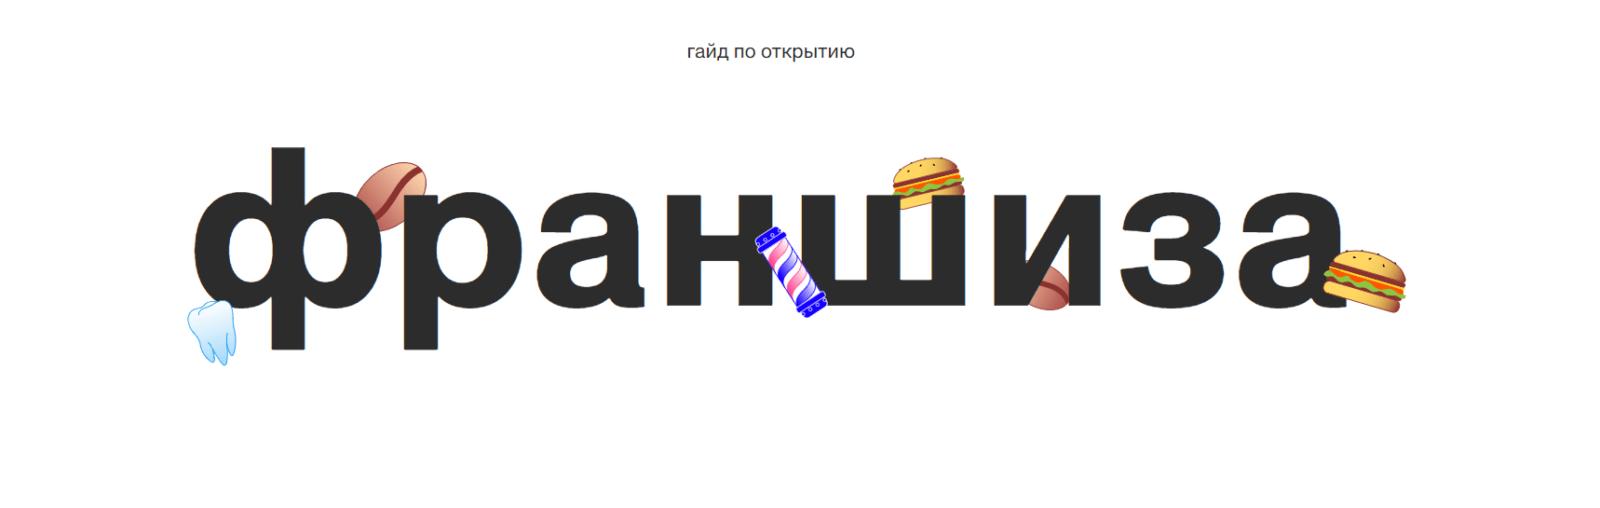 Правительство Москвы и Сбер помогут предпринимателям открыть бизнес по франшизе (image 18)